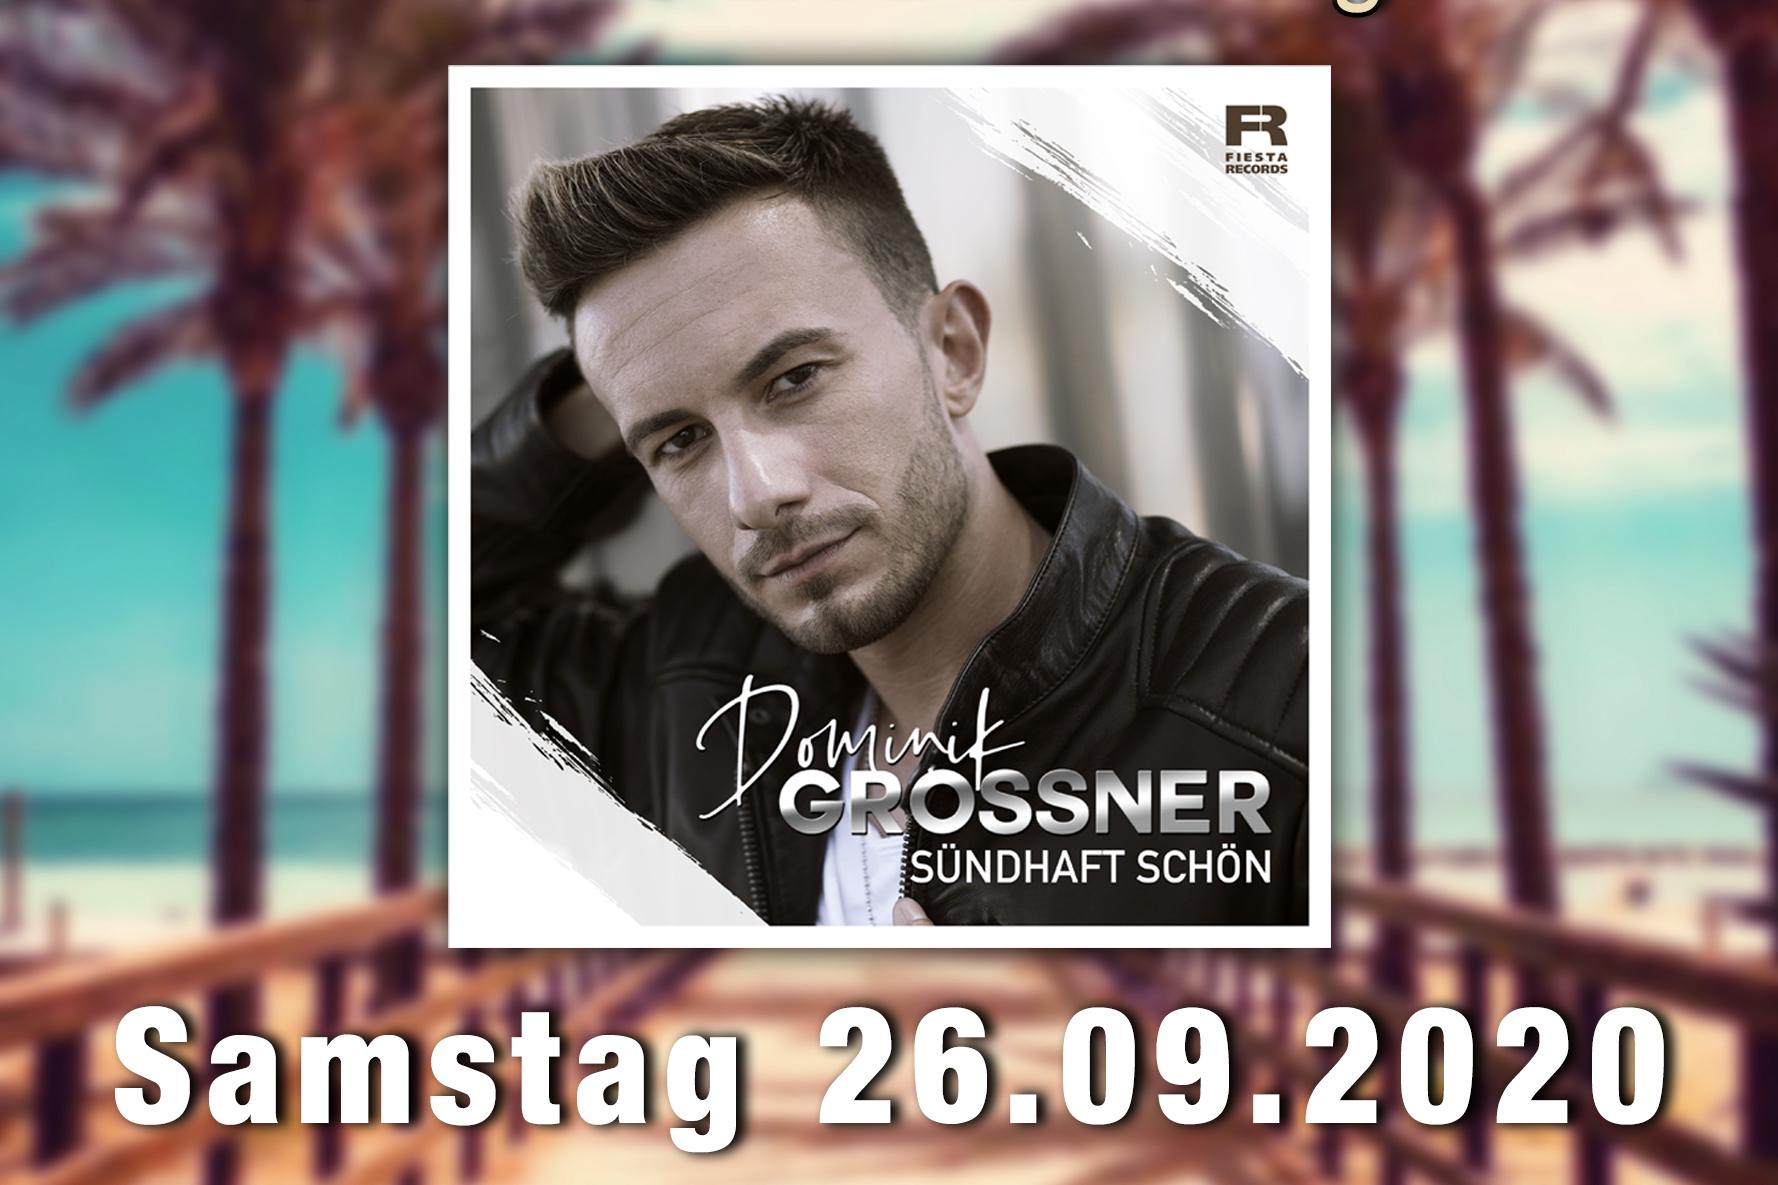 Schlagerabend mit Dominik Grossner und DJ DiRa